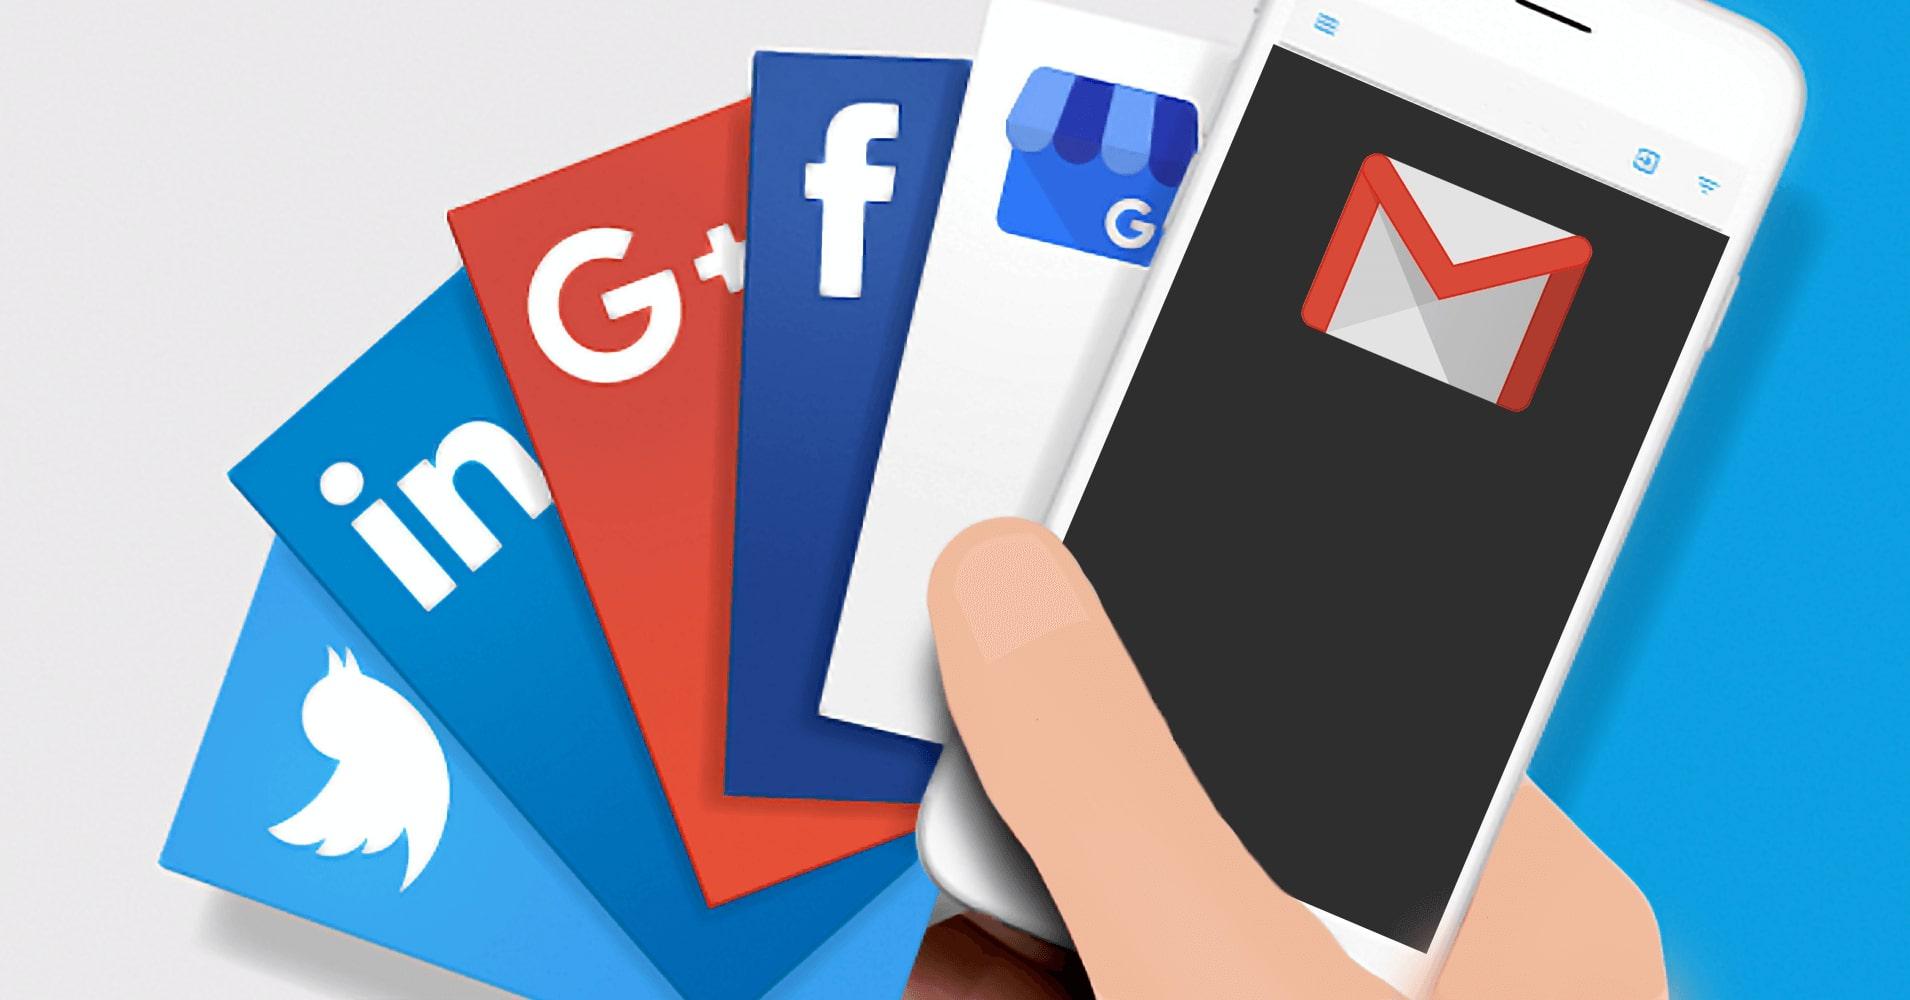 Social Media vs. Email: User Preferences